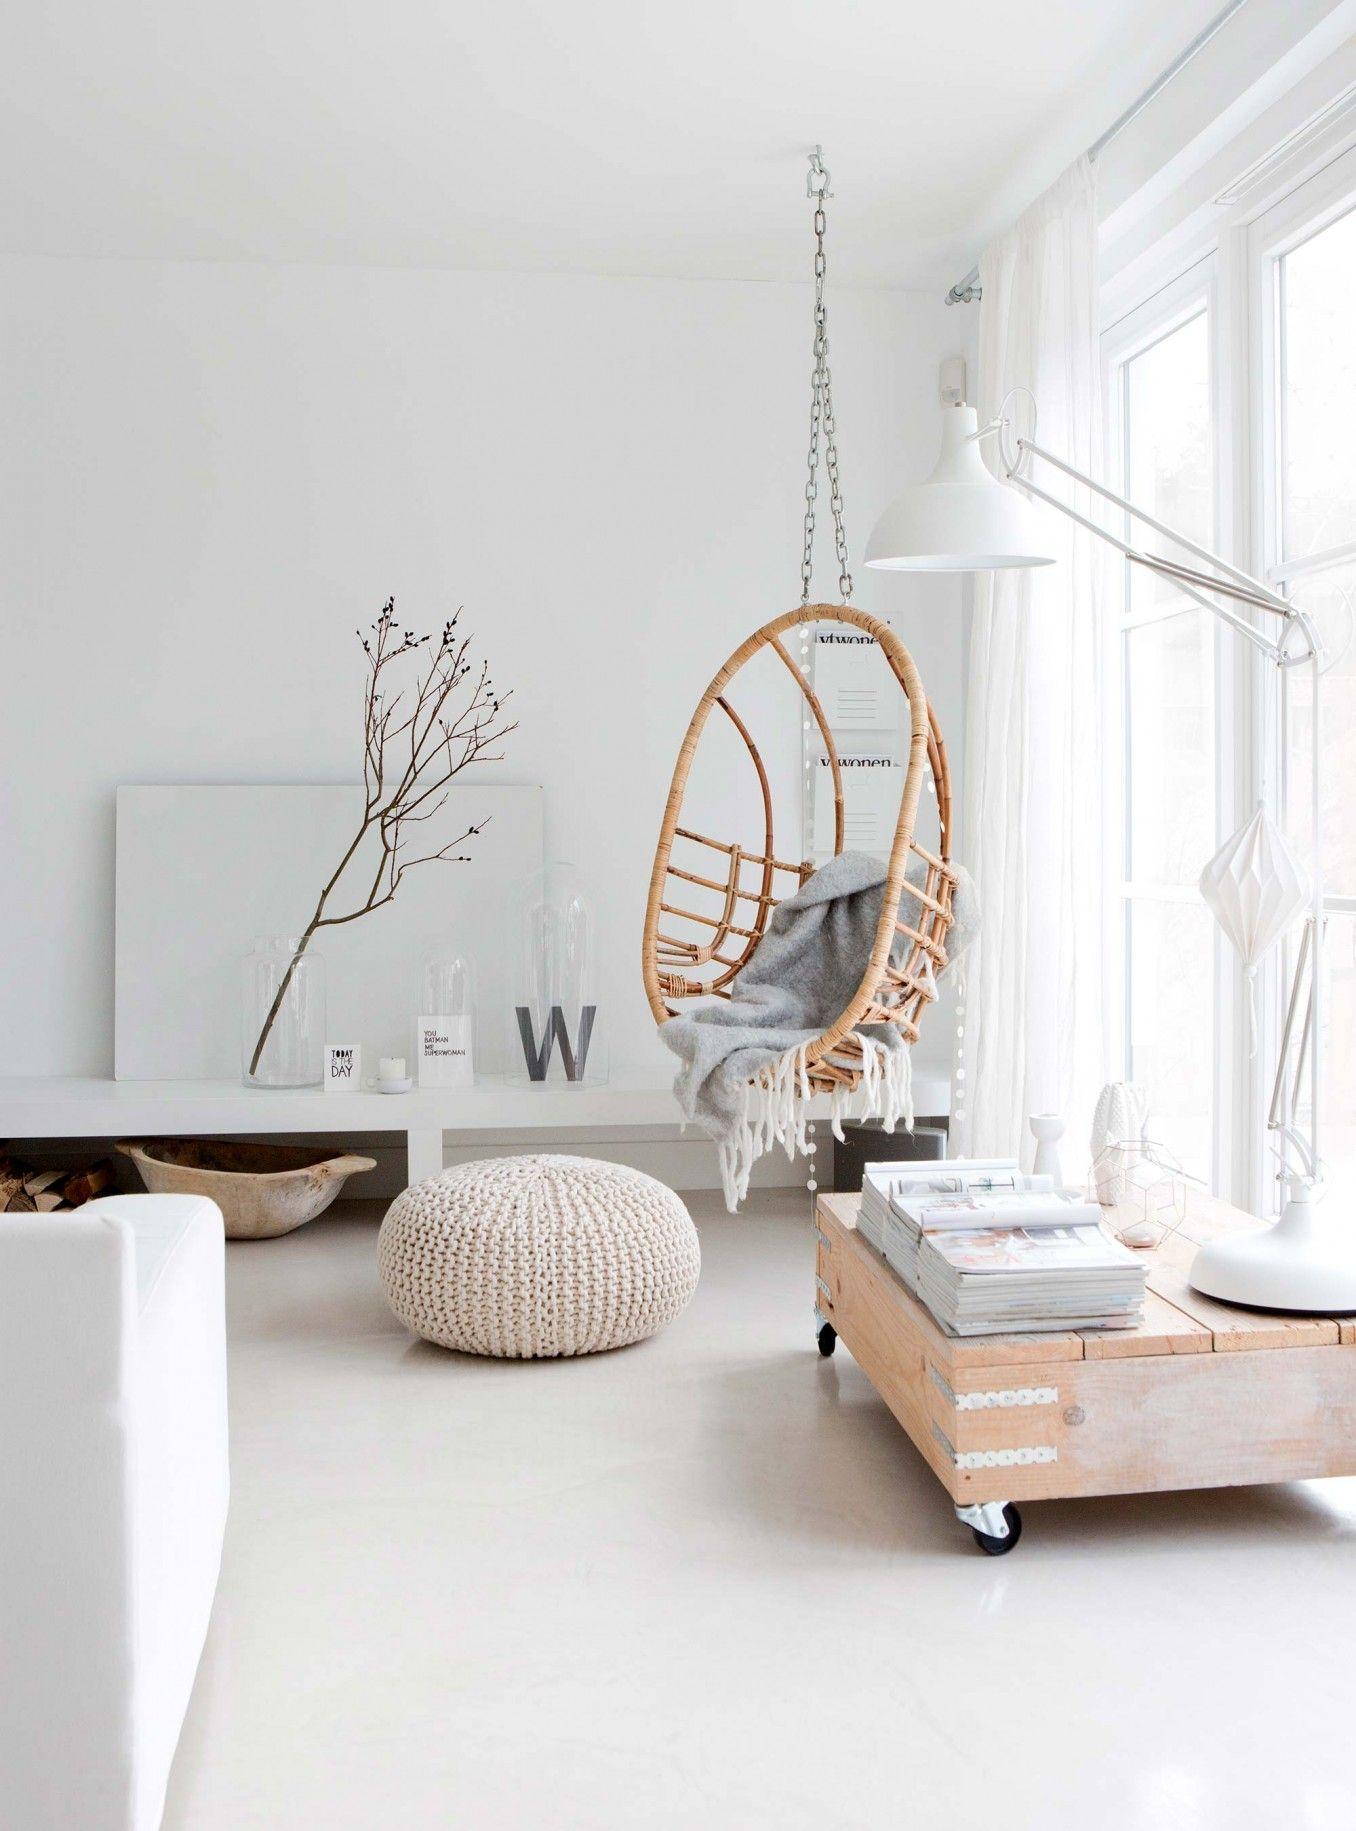 schoner schaukel spass im wohnzimmer htttps www ikarus de marken sika design html chairlivingroom